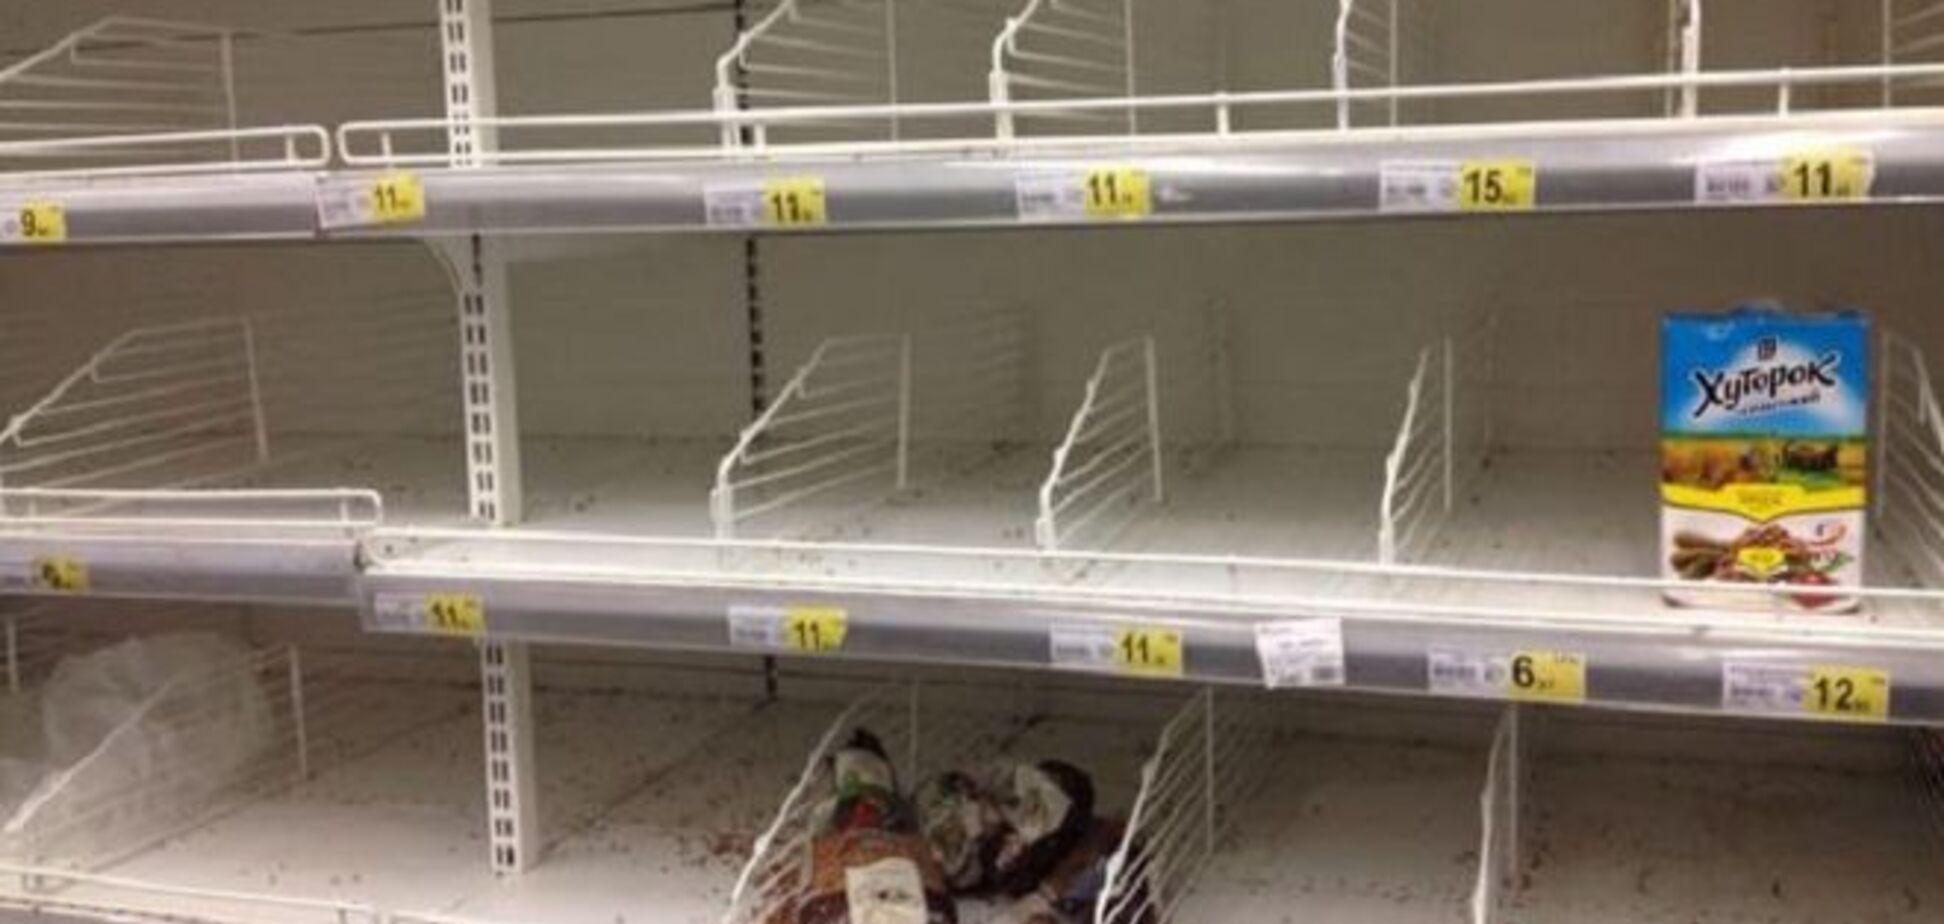 Главарь 'ДНР' Захарченко грозится полностью перевести Донецк на российские продукты